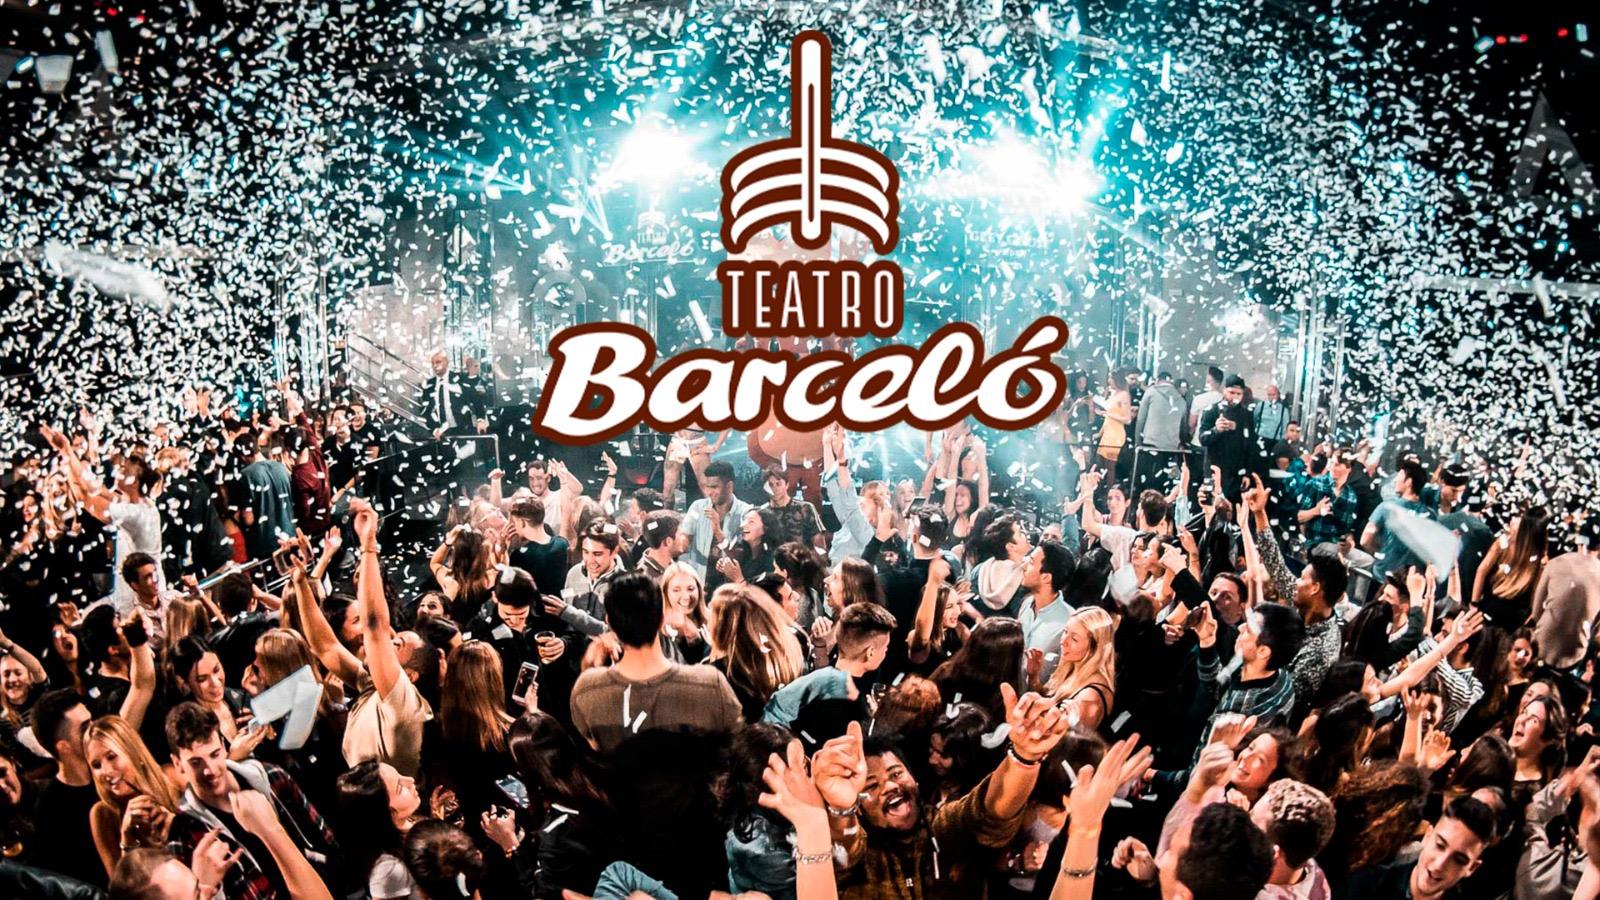 Teatro Barcelo Viernes - Club Teatro Barceló